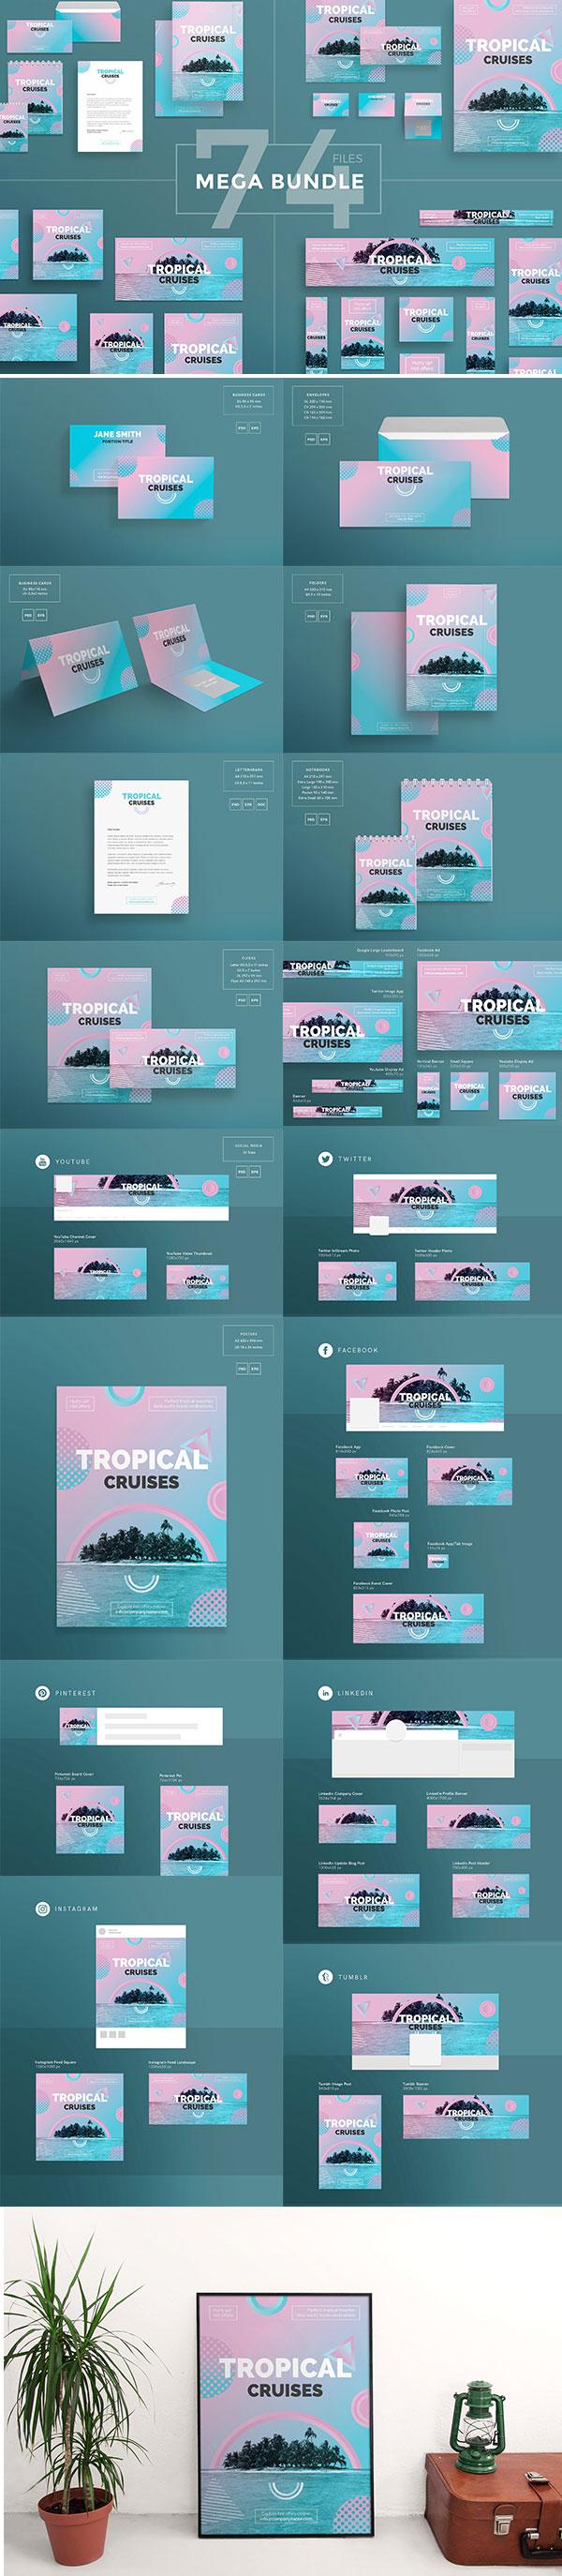 旅游VI设计模板